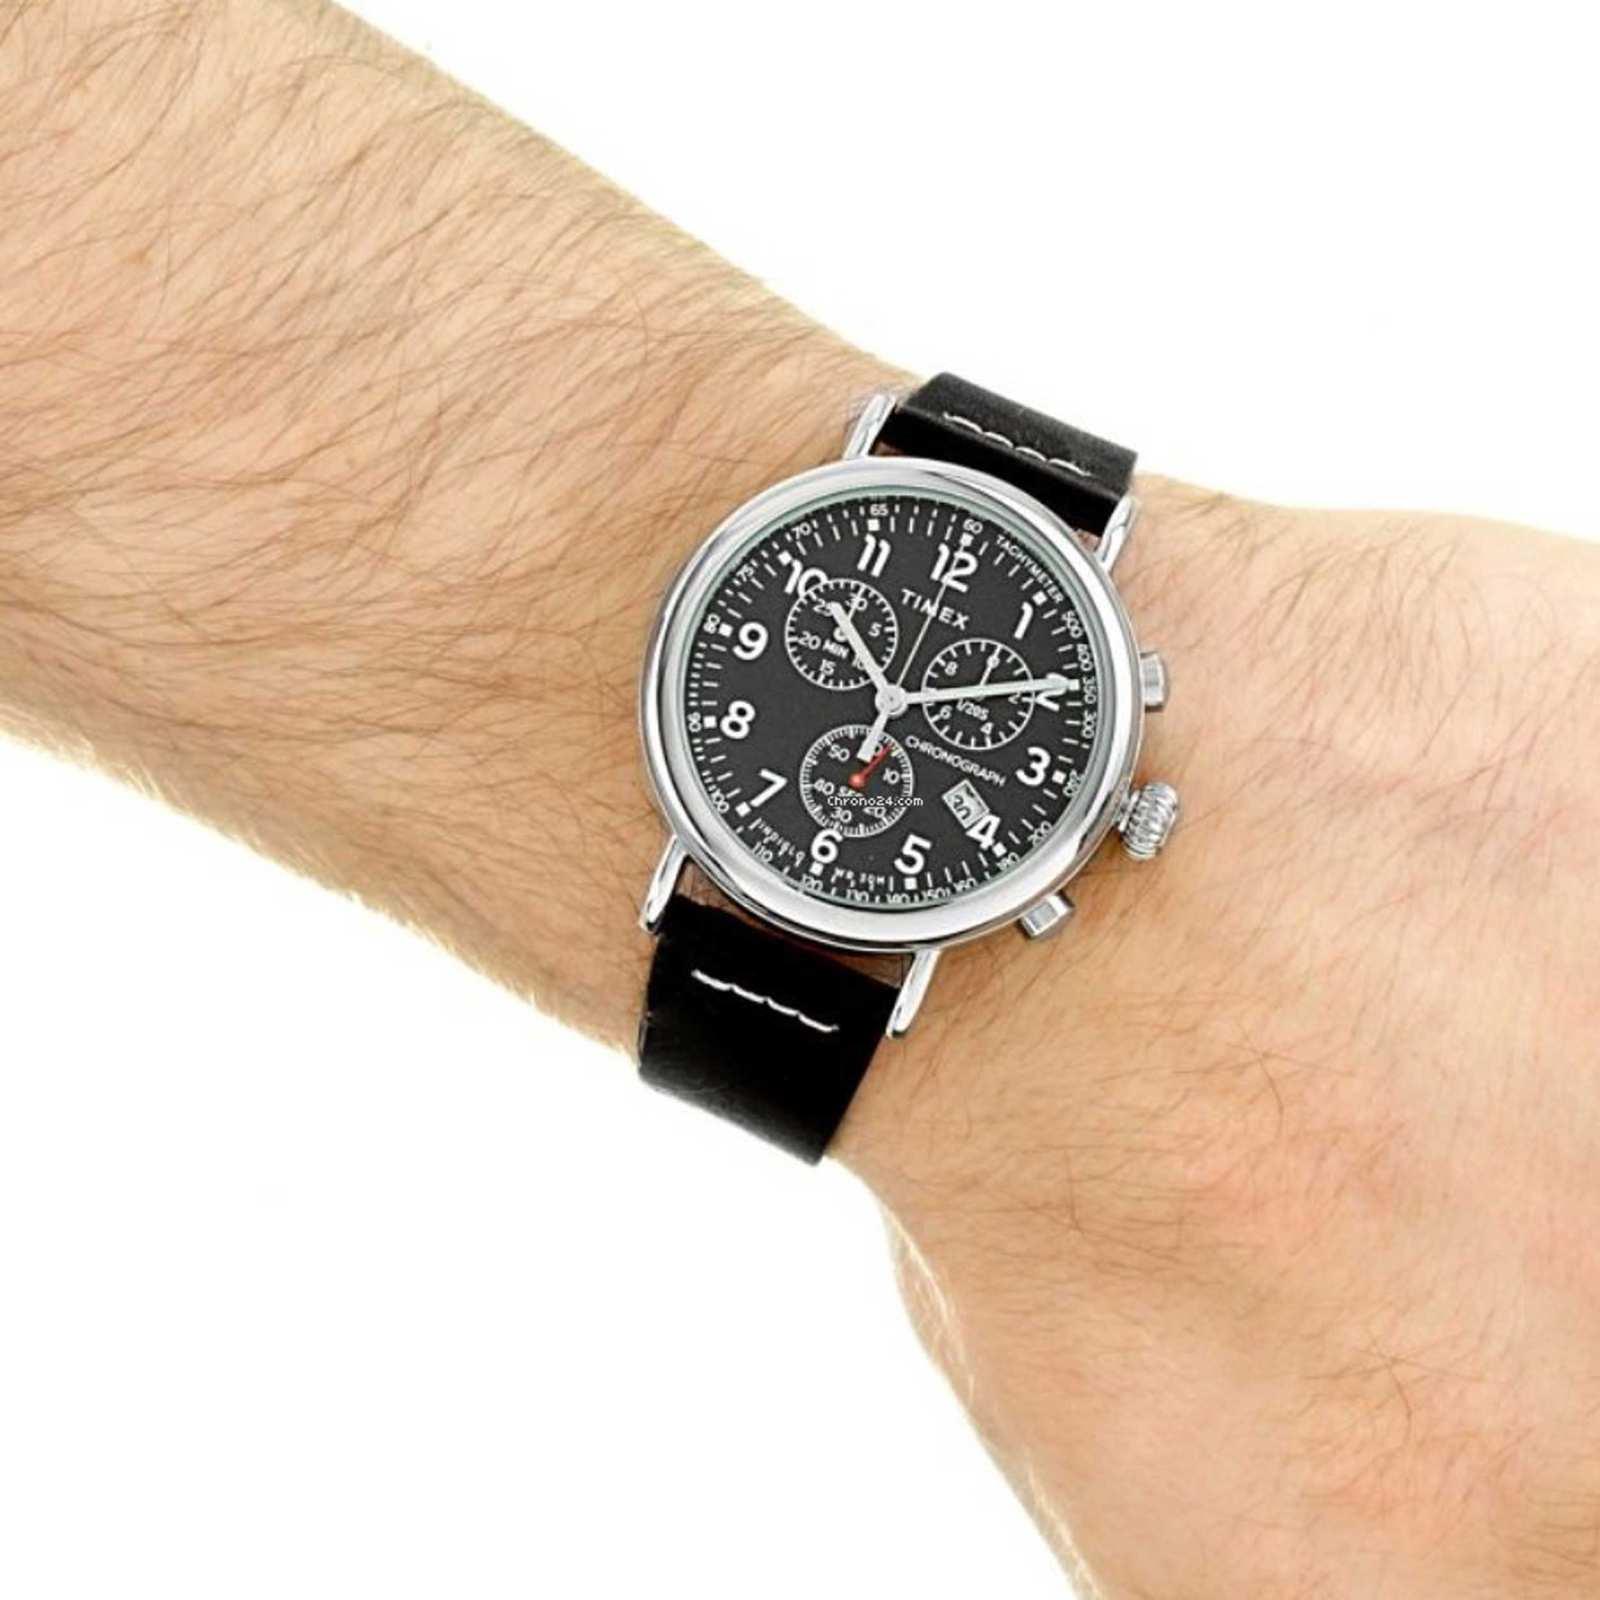 ساعت مچی عقربه ای مردانه تایمکس مدل TW2T69100 -  - 3